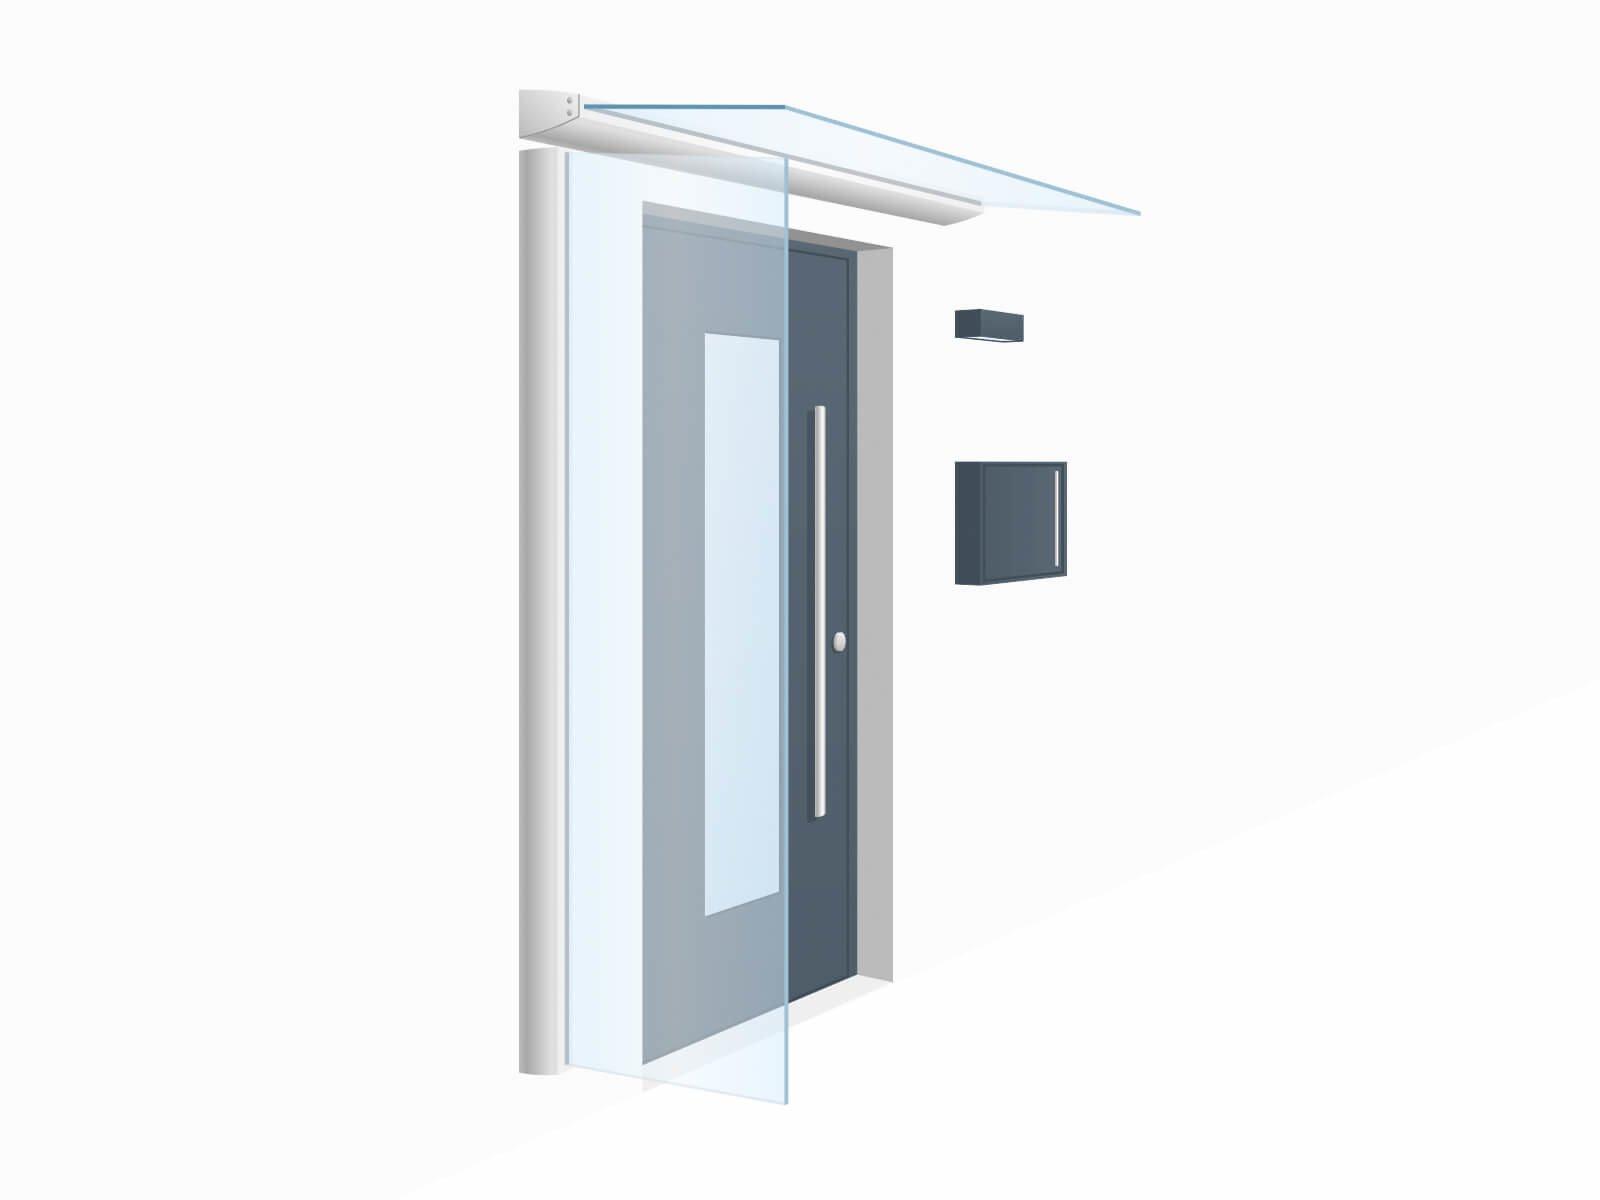 Individuelle Glas und Schrägschnitte beim Seitenwindschutz Blend beliebig positionierbar